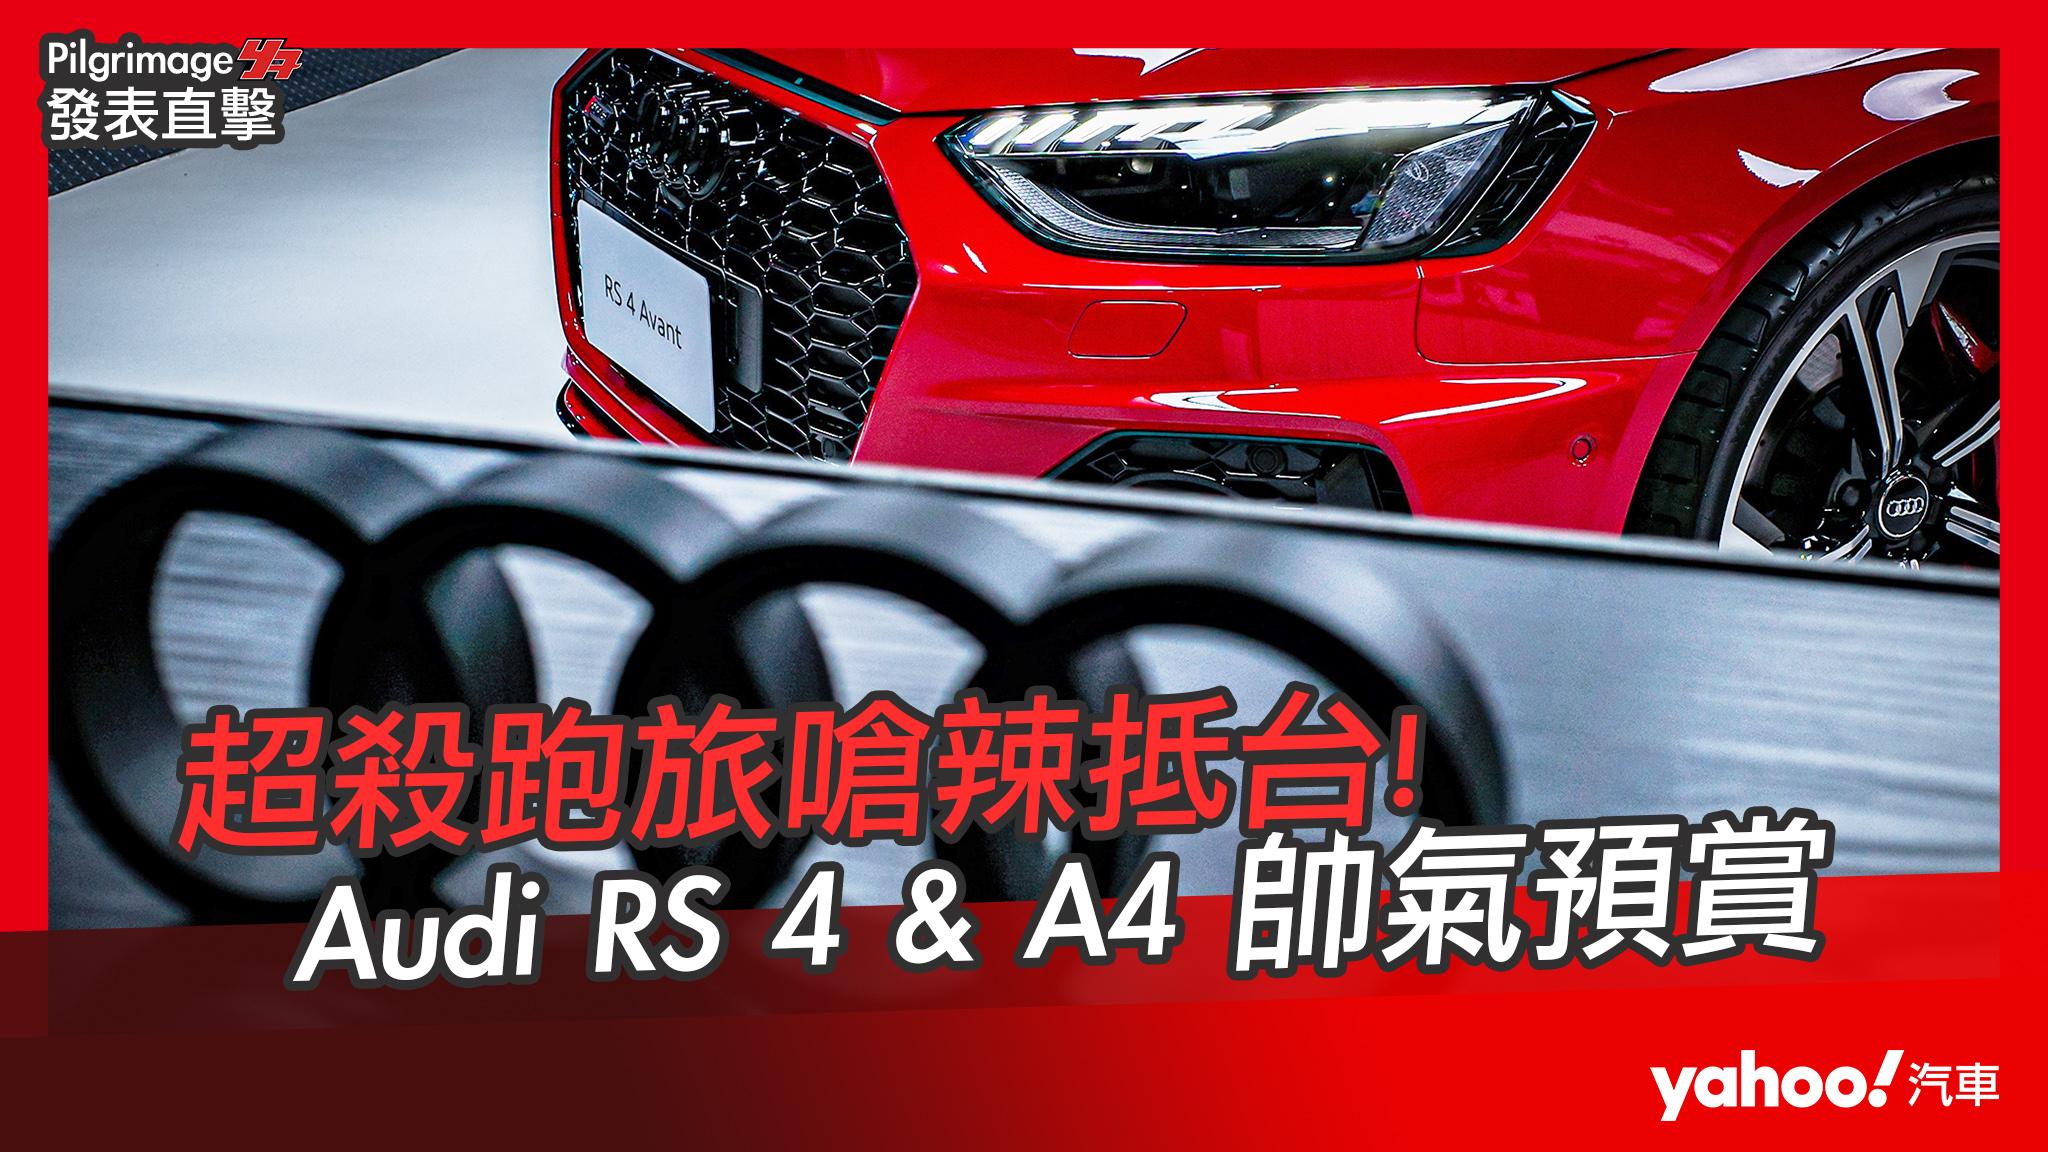 【發表直擊】2021 Audi RS 4 Avant & A4中期改款拍攝會